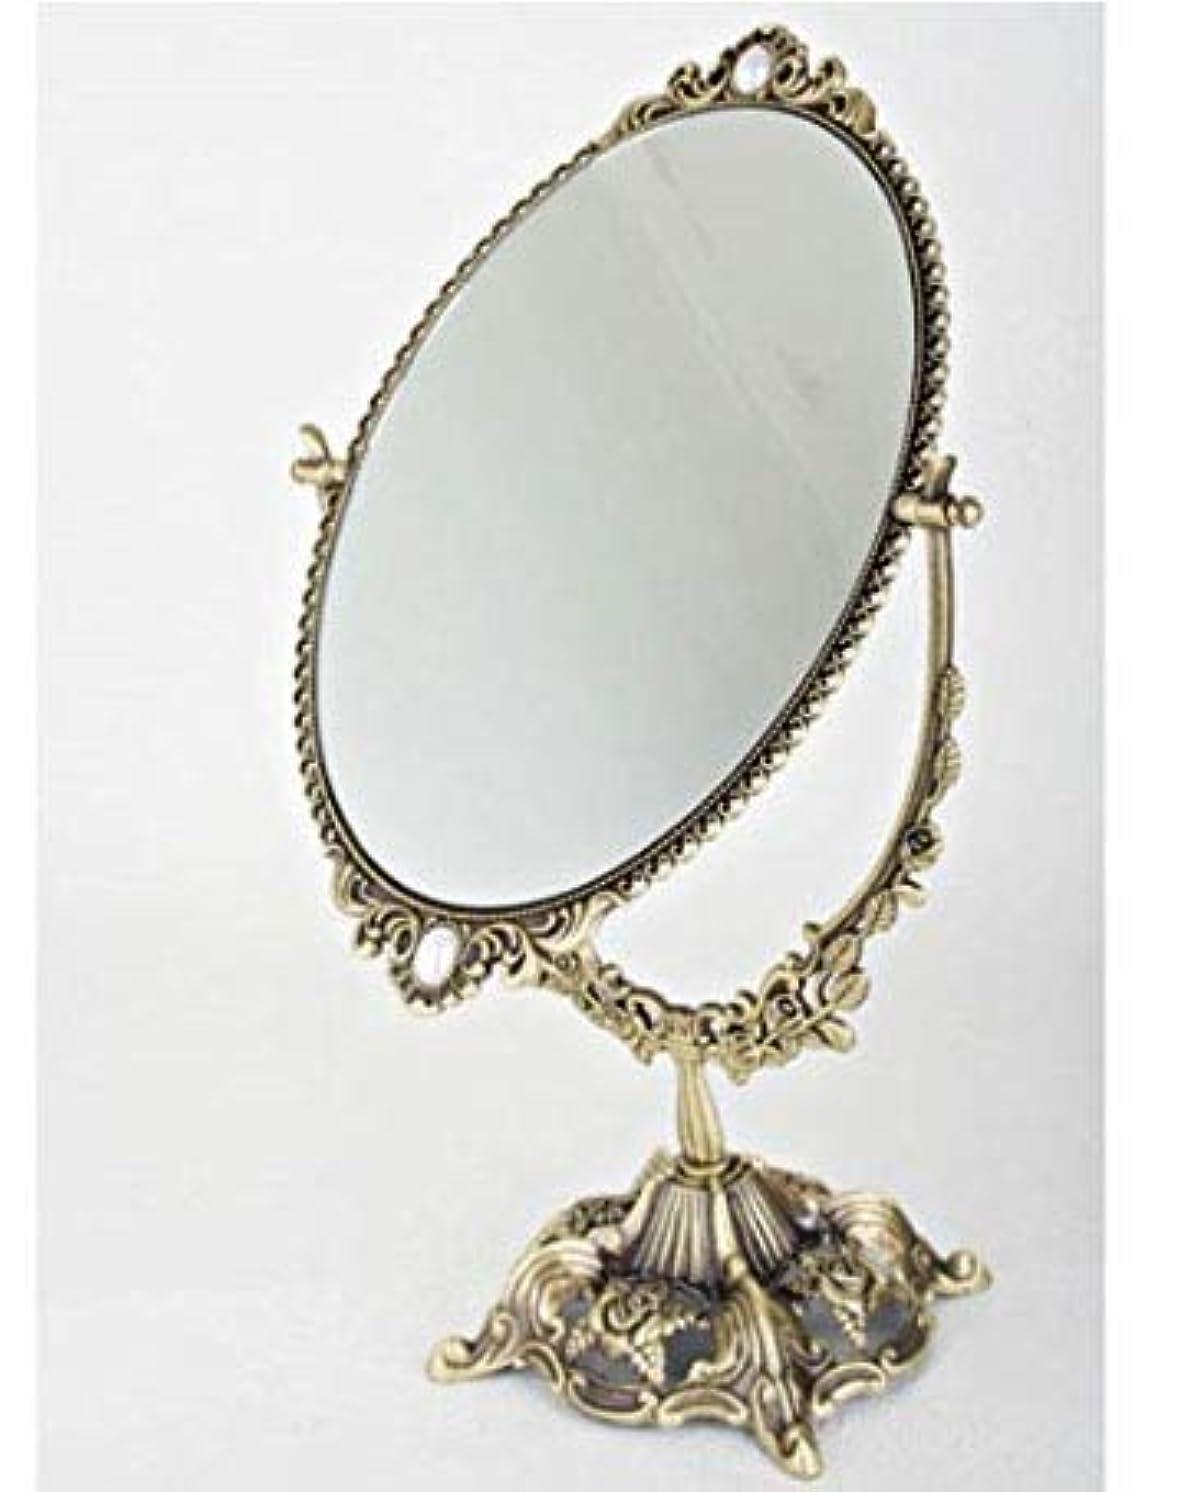 ポジティブ学習がっかりする銅材質の鏡, アンティーク?両面卓上ミラー … ローズ鏡 大きいサイズ、横21センチx立て38センチ、、